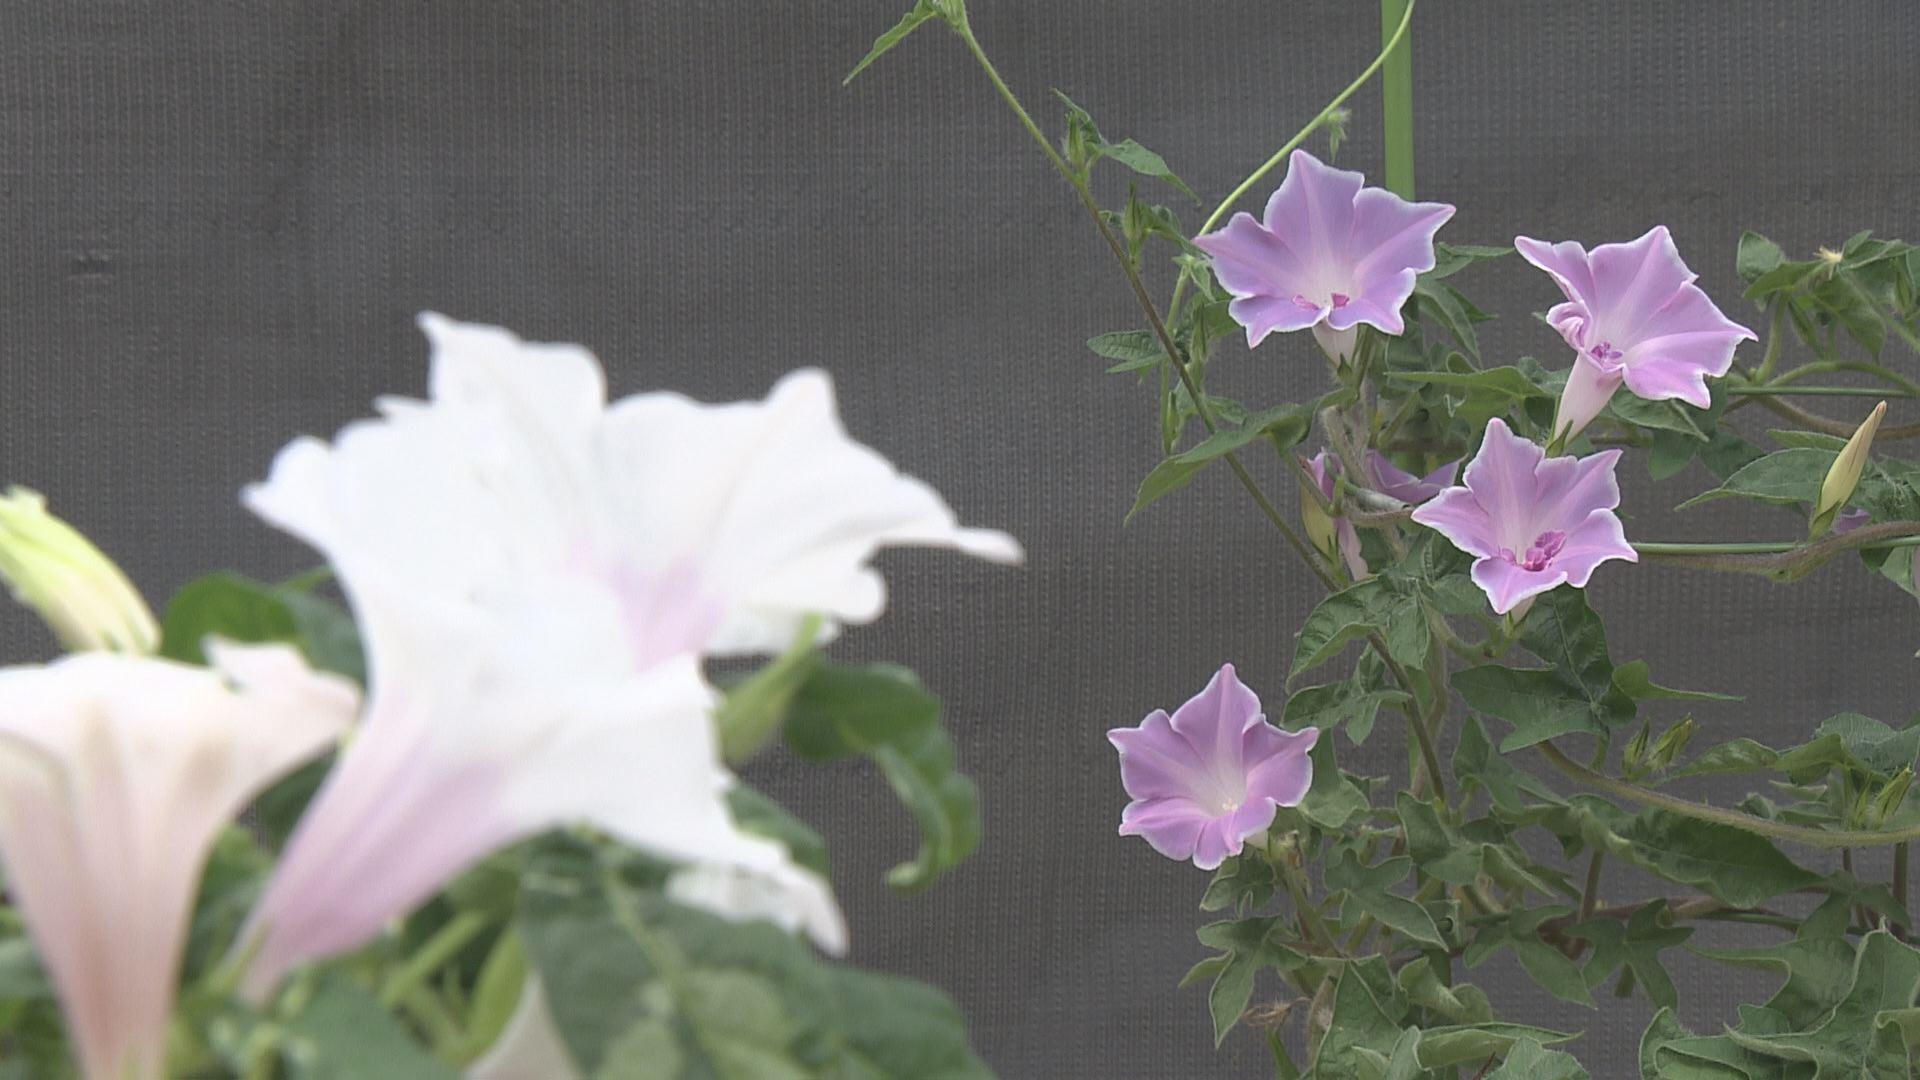 花びらの形が変化した朝顔